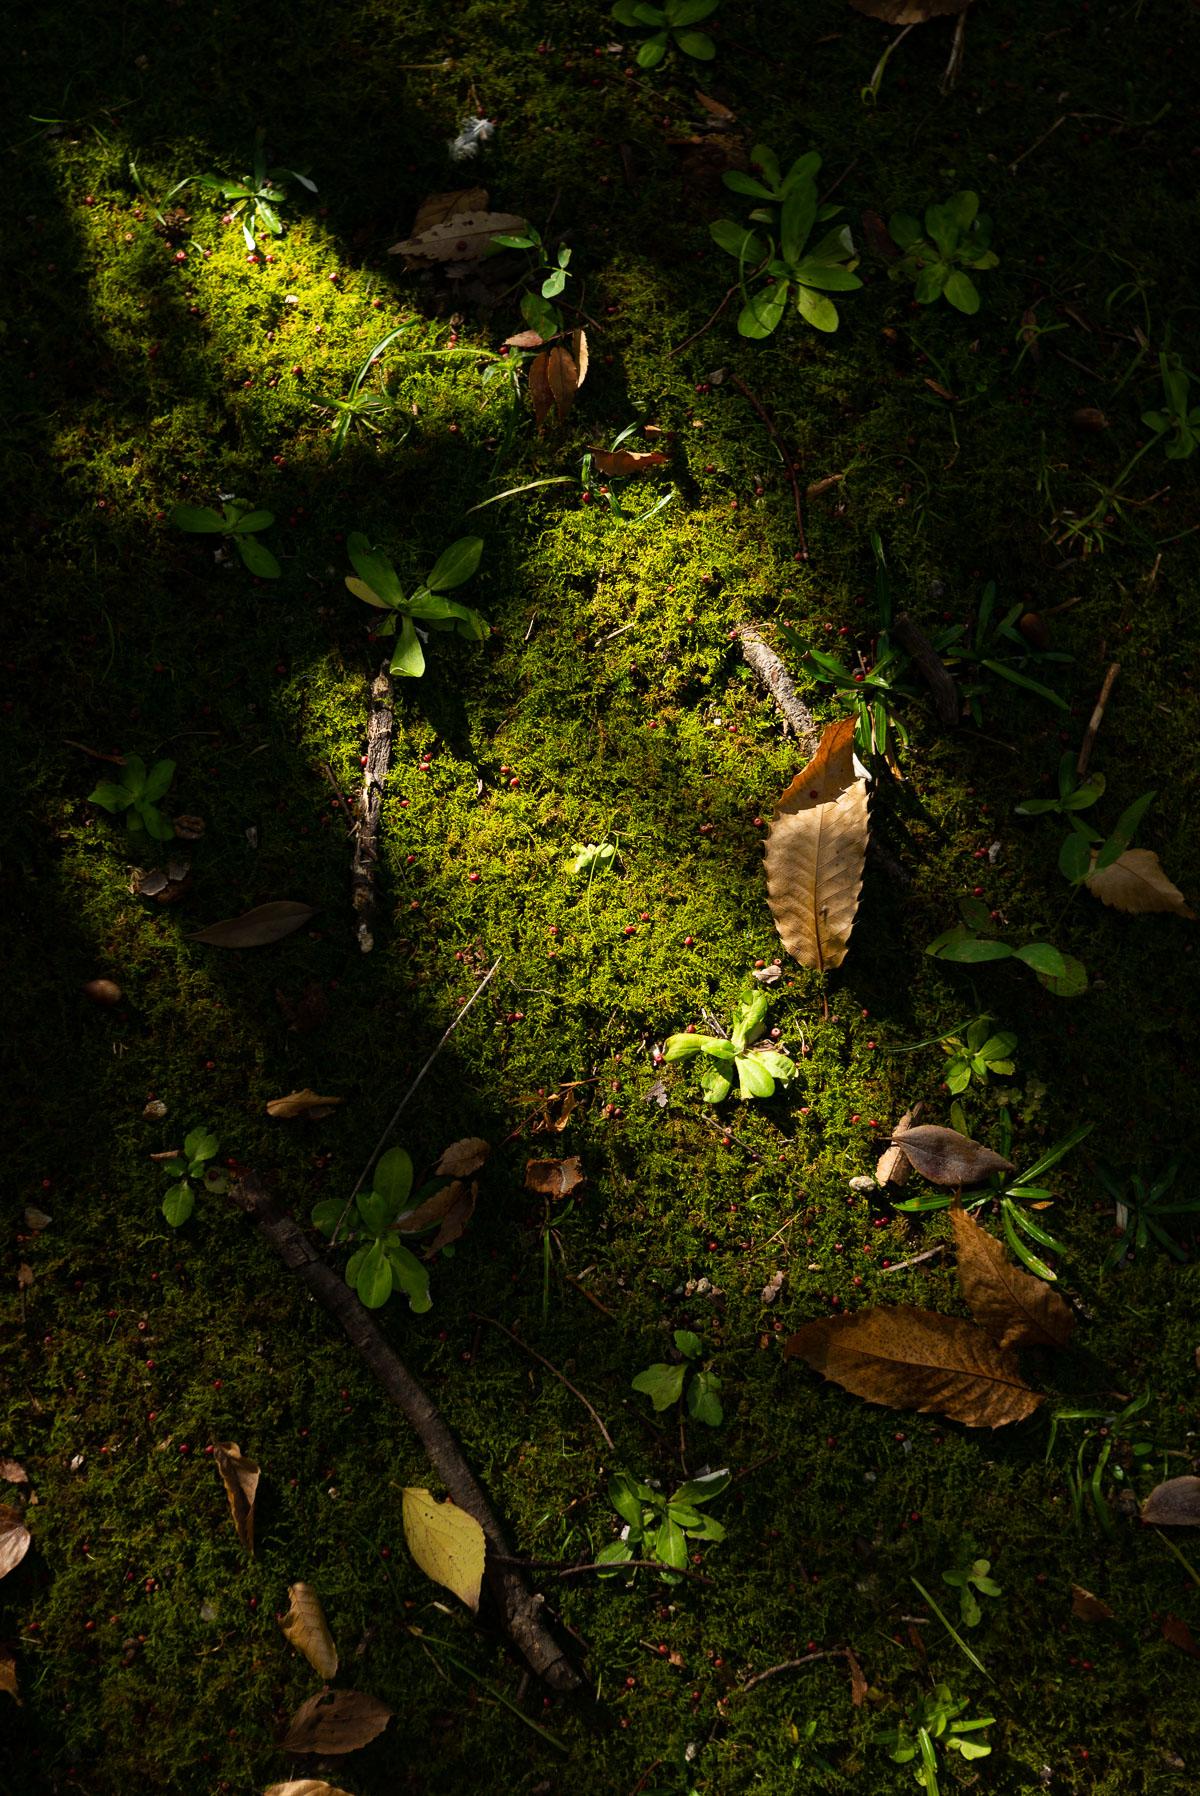 落ち葉と陰影